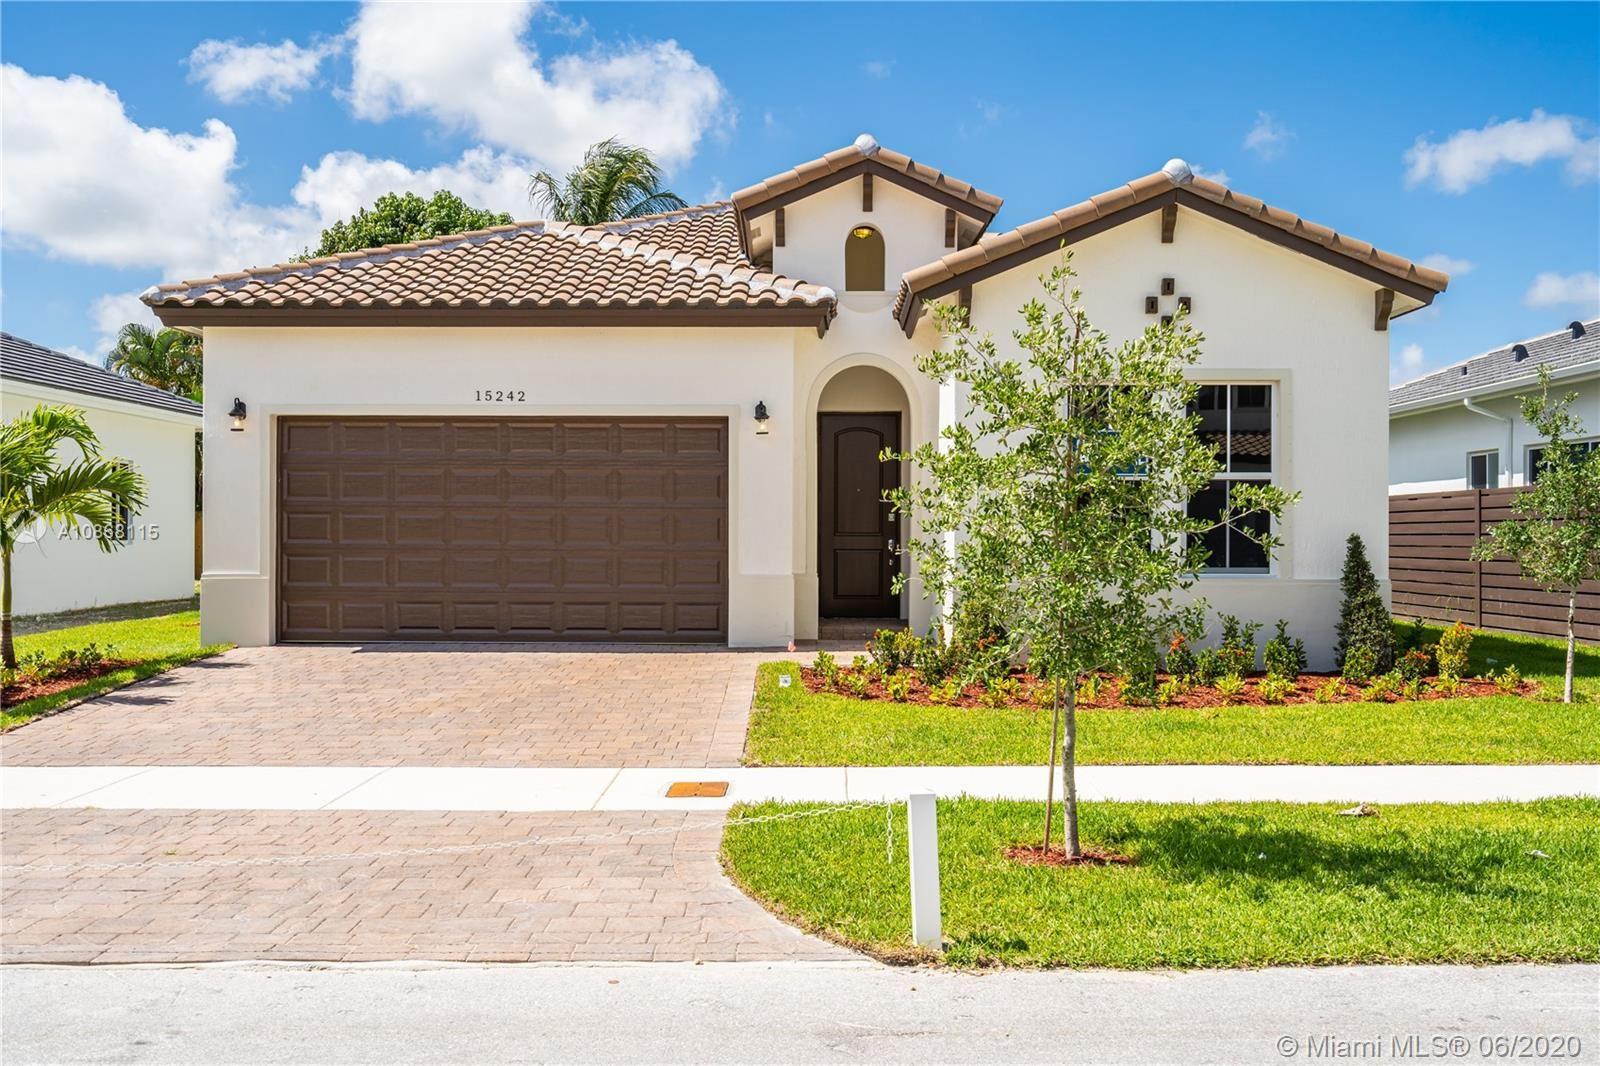 15242 SW 176th Ln, Miami, FL 33187 - #: A10868115